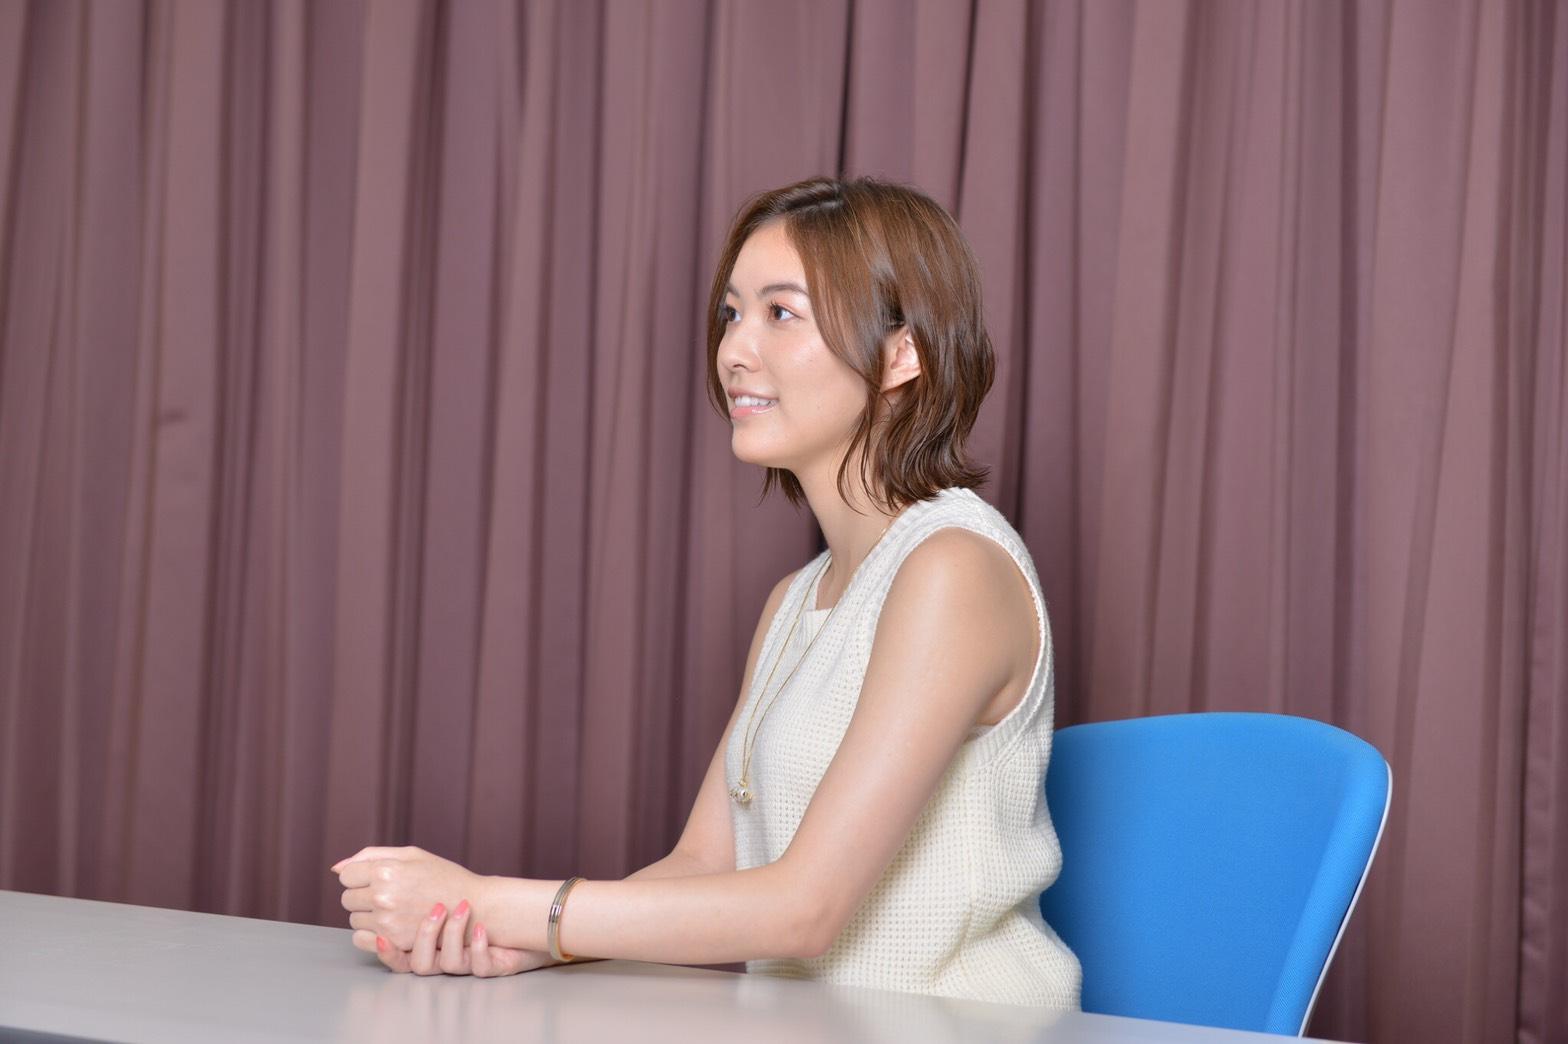 「人生は一度きりだから」松井珠理奈が2度の休養を経たからこそ得たもの画像111233